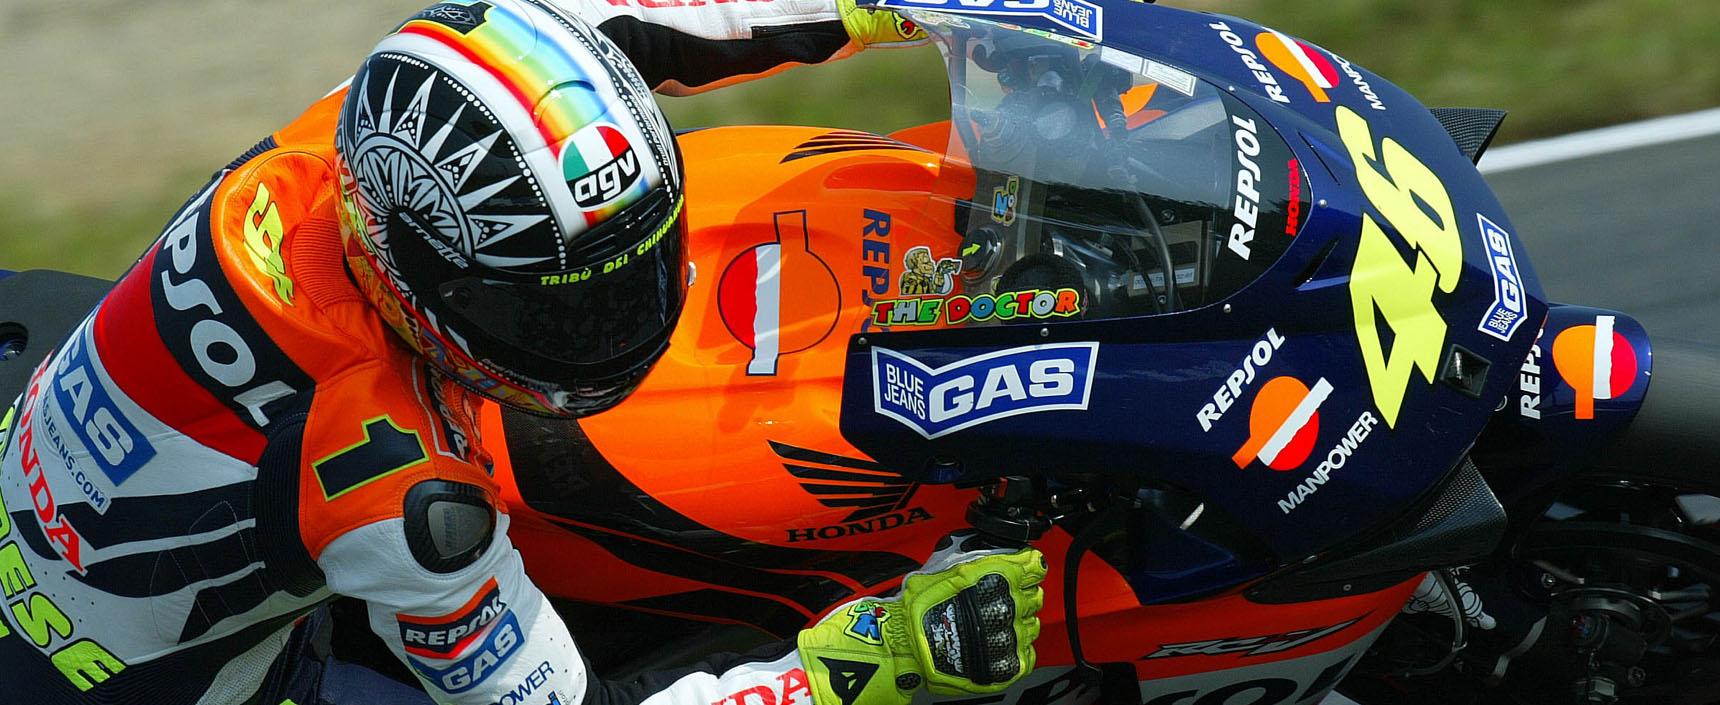 El italiano Rossi consiguió su primer mundial en Repsol Honda que en 2002 ganó por primera vez la triple corona piloto, equipo, constructores